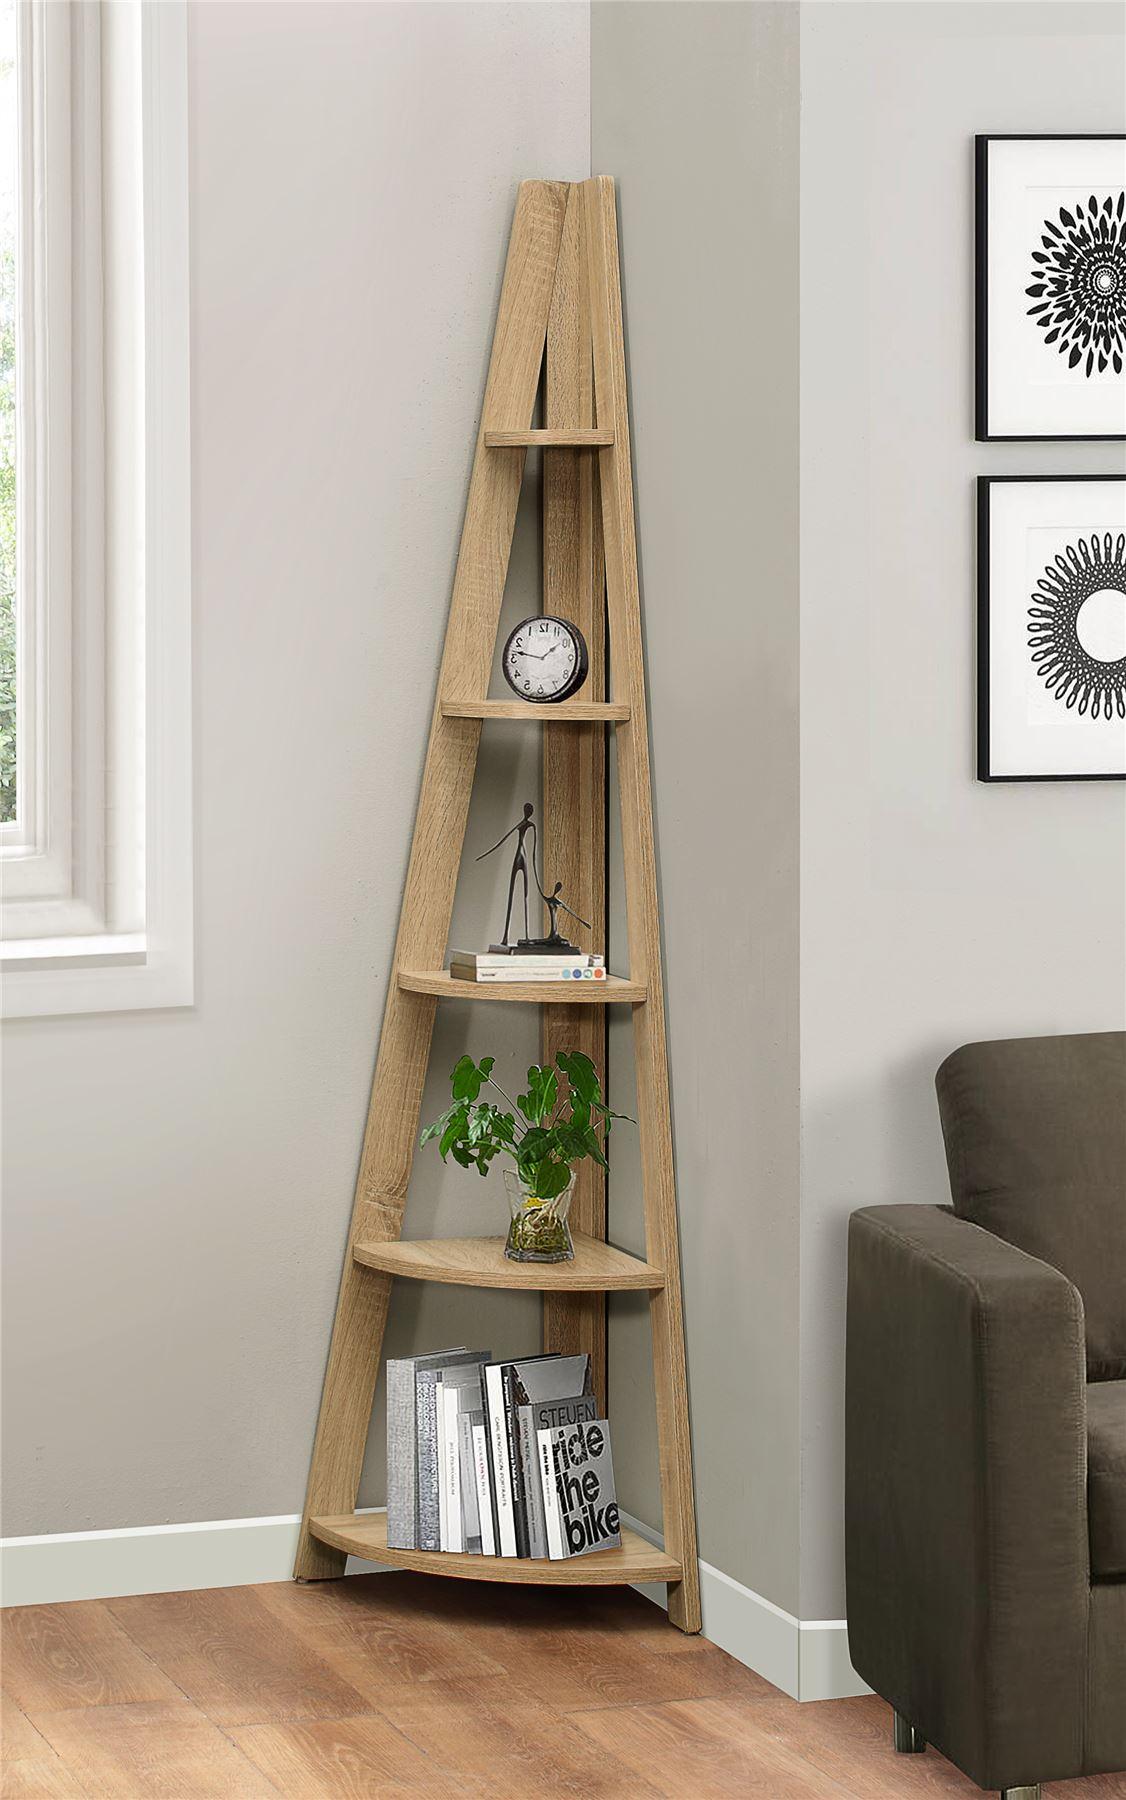 Top 12 Amazing Corner Ladder Shelves For Your Home/Office |Corner Ladder Bookshelf